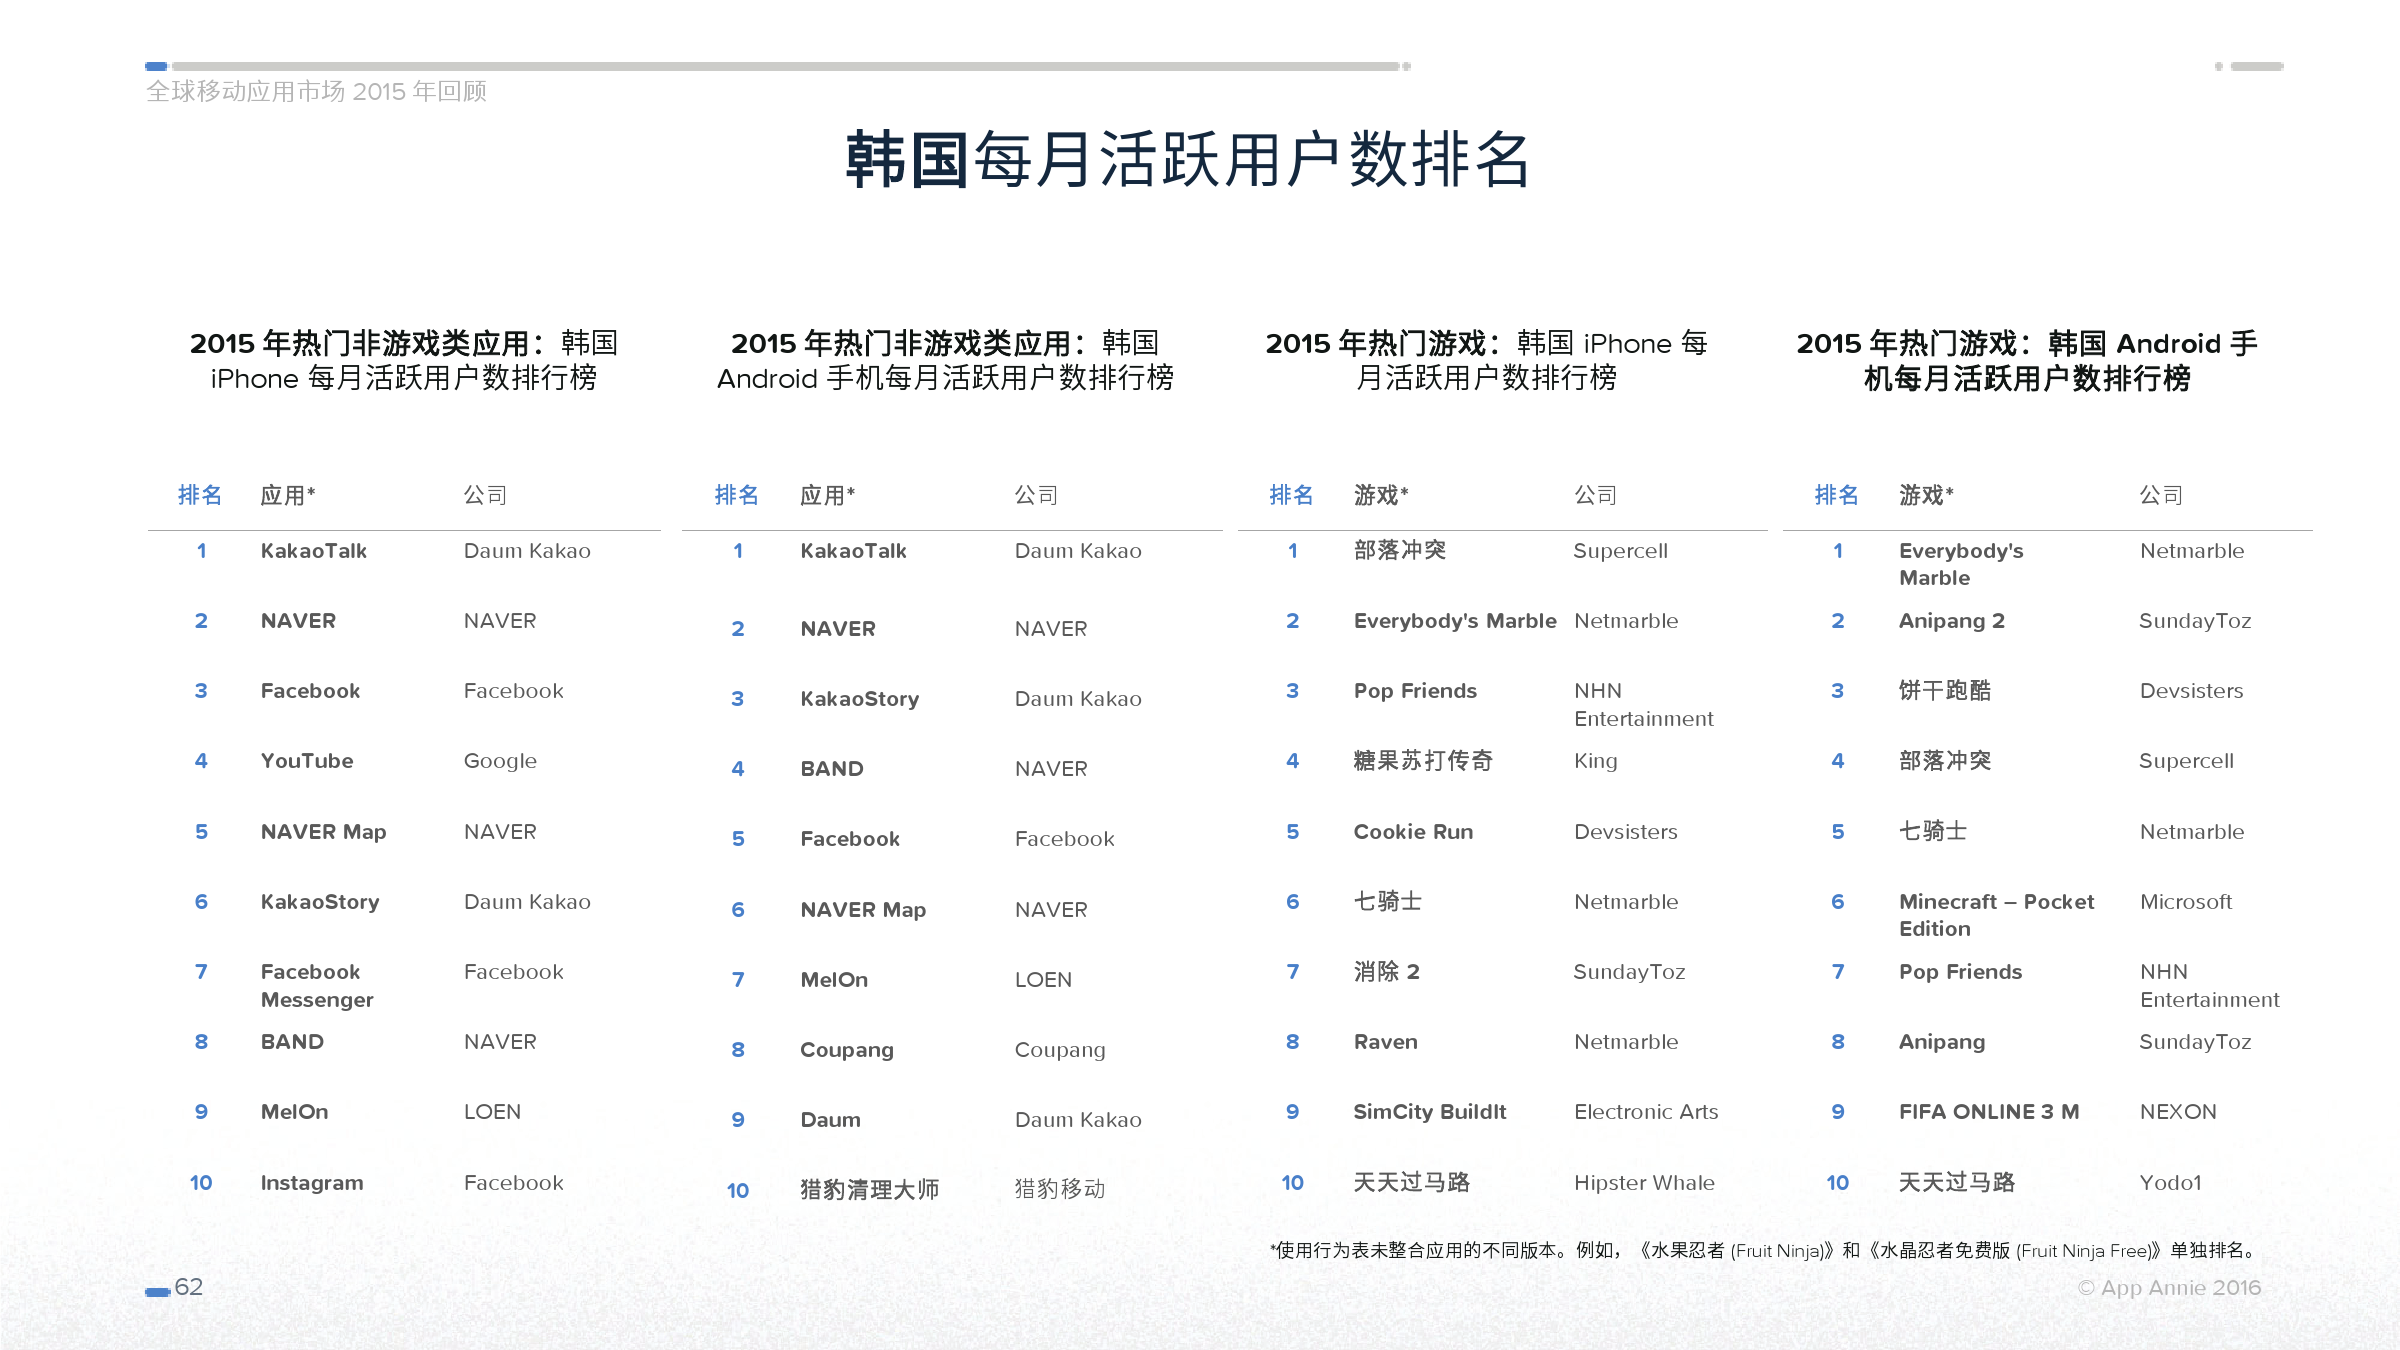 App Annie 全球移动应用市场 2015 年回顾_000062